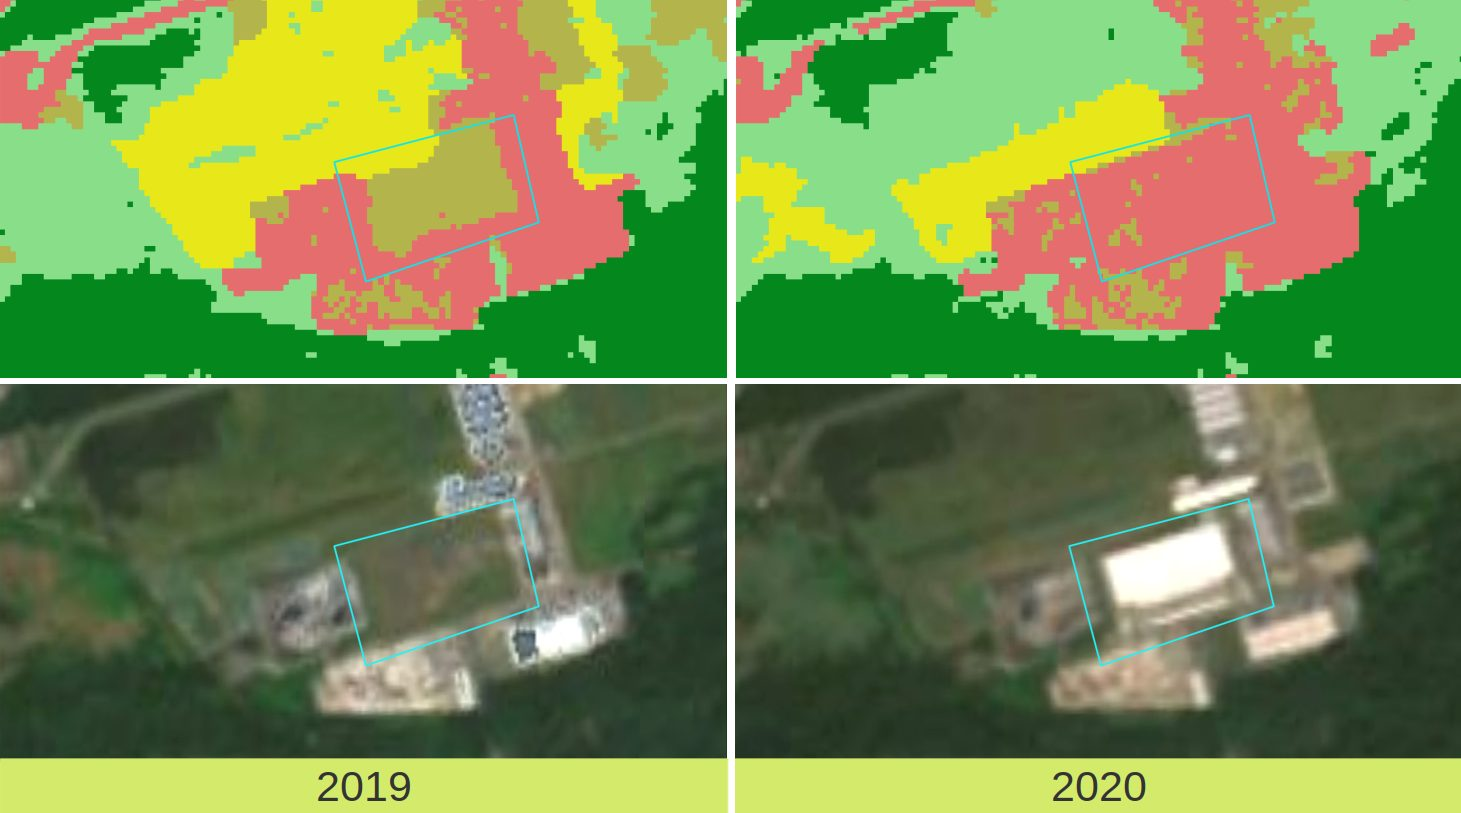 Veränderungsdetektion Bebaute Fläche 2019-2020: Zoom auf Castrop-Rauxel